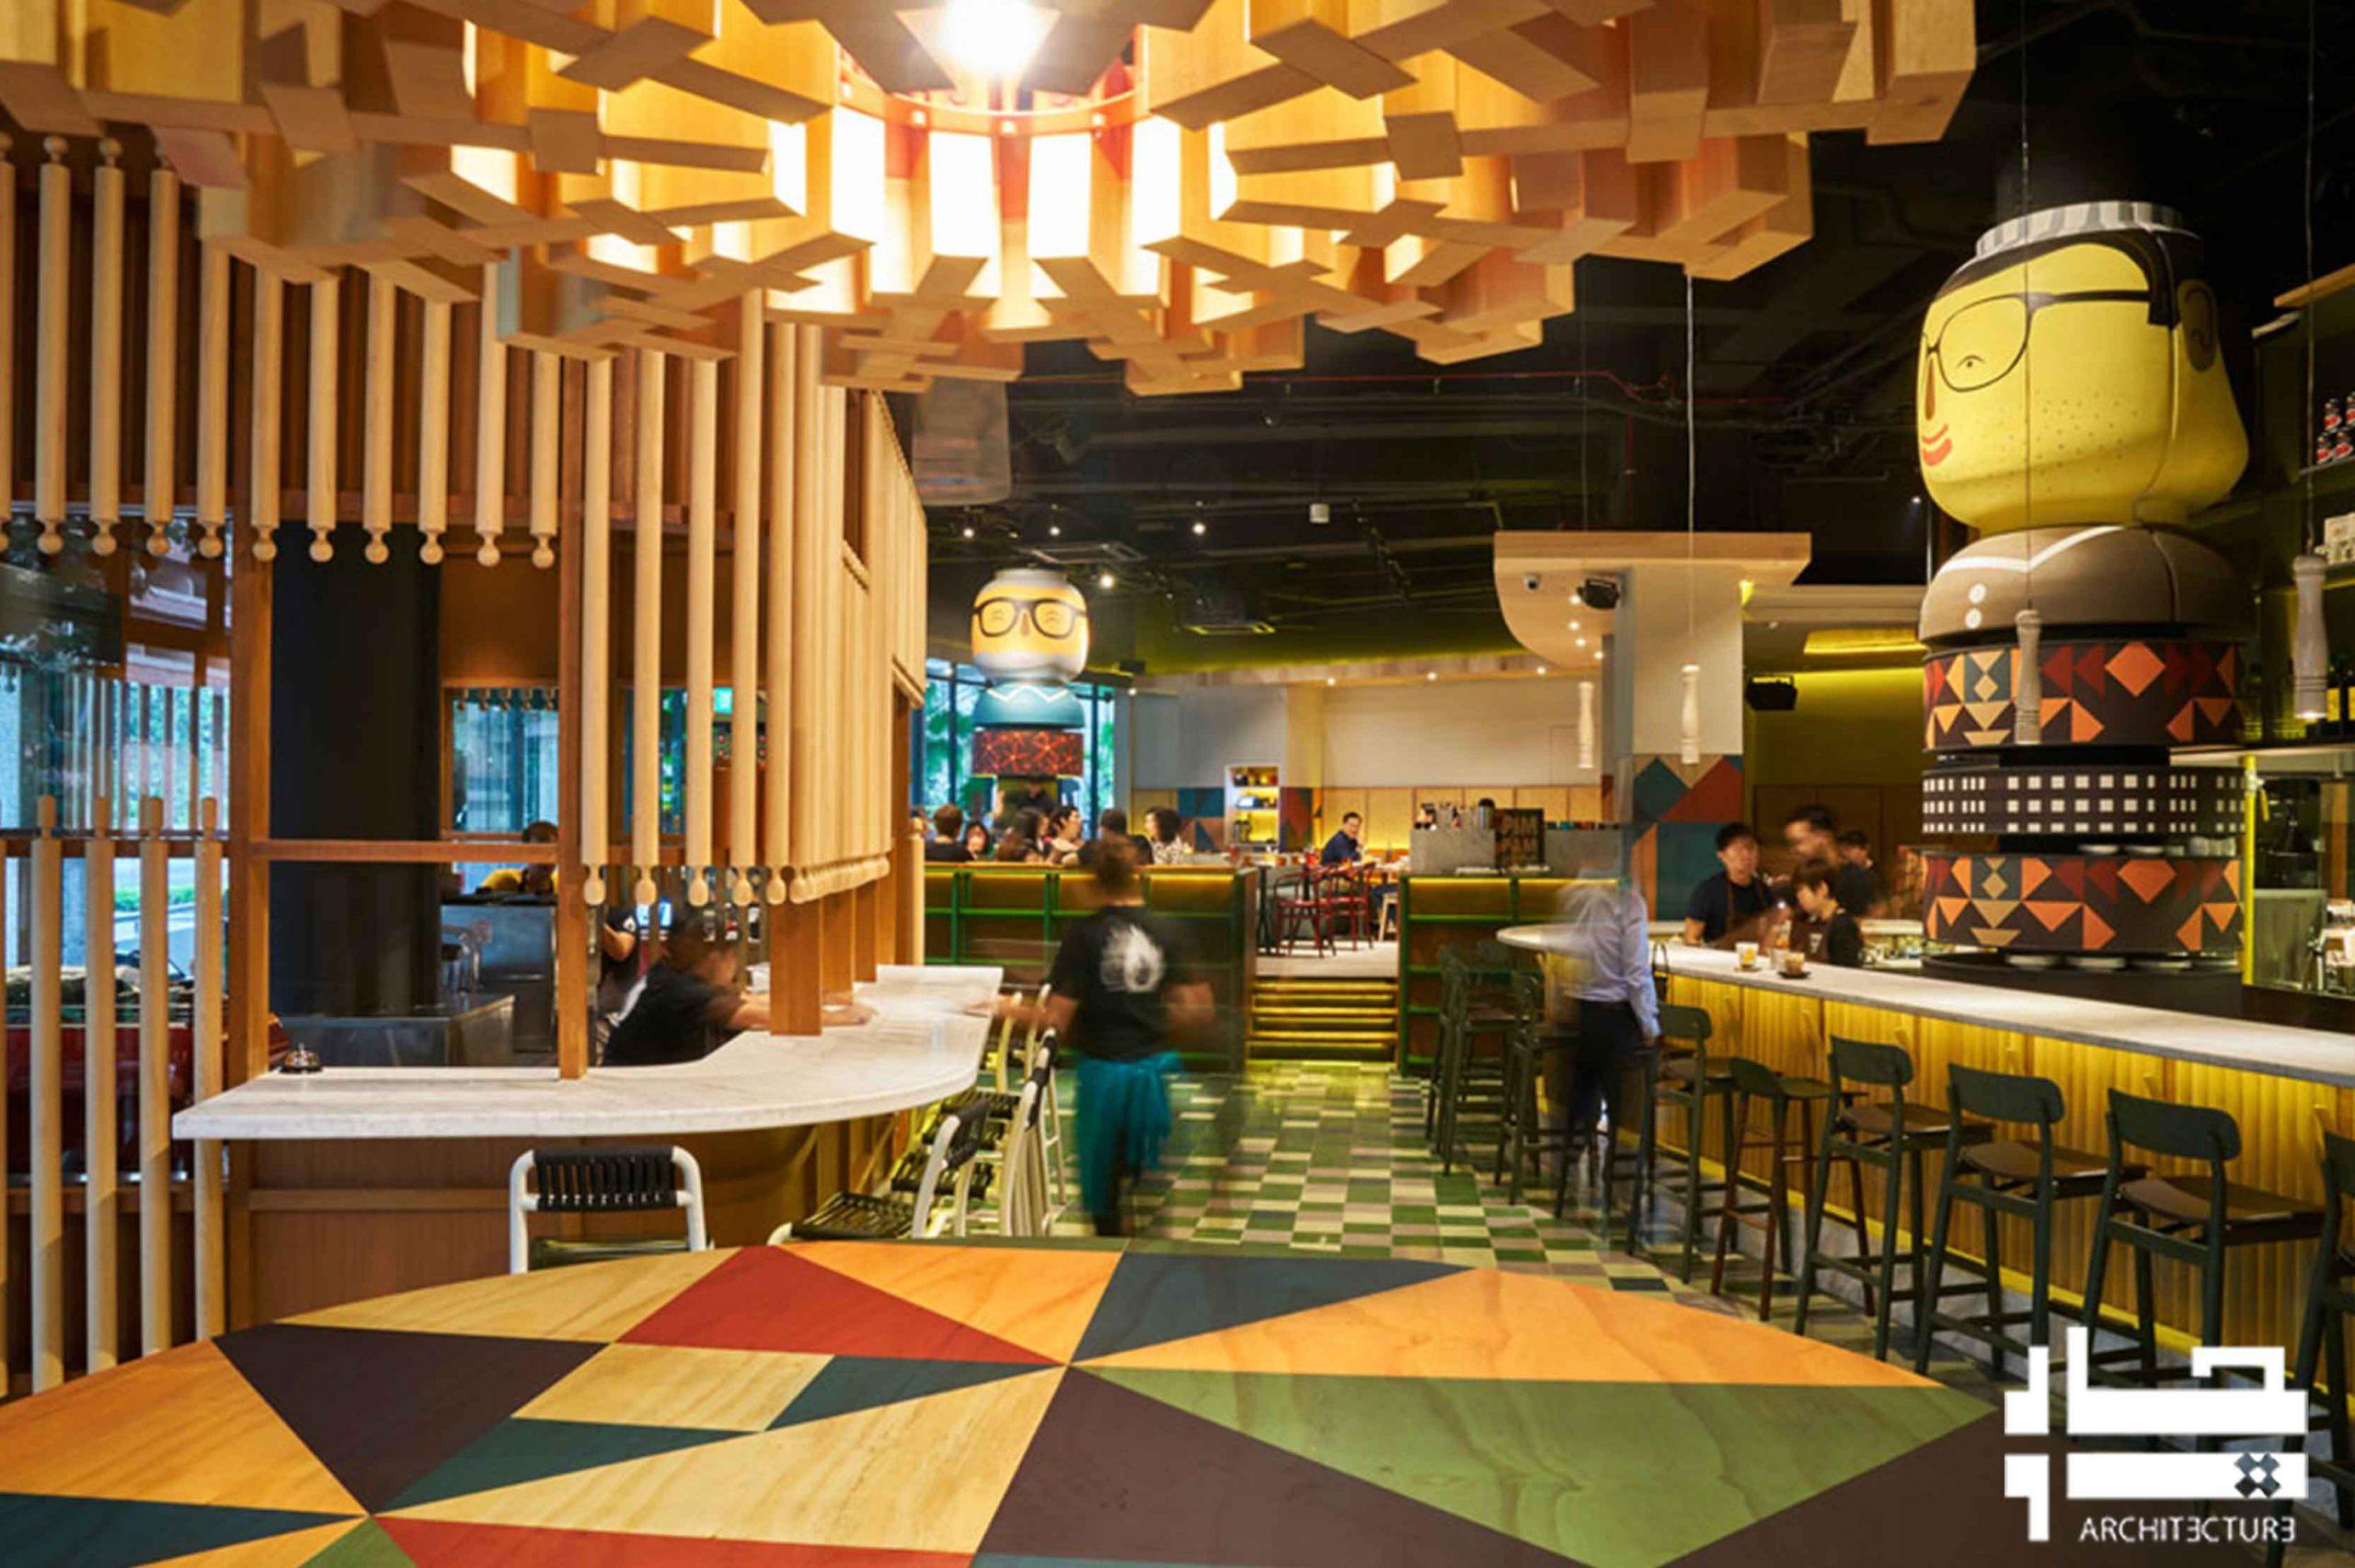 رستوران پیم پم فاکس